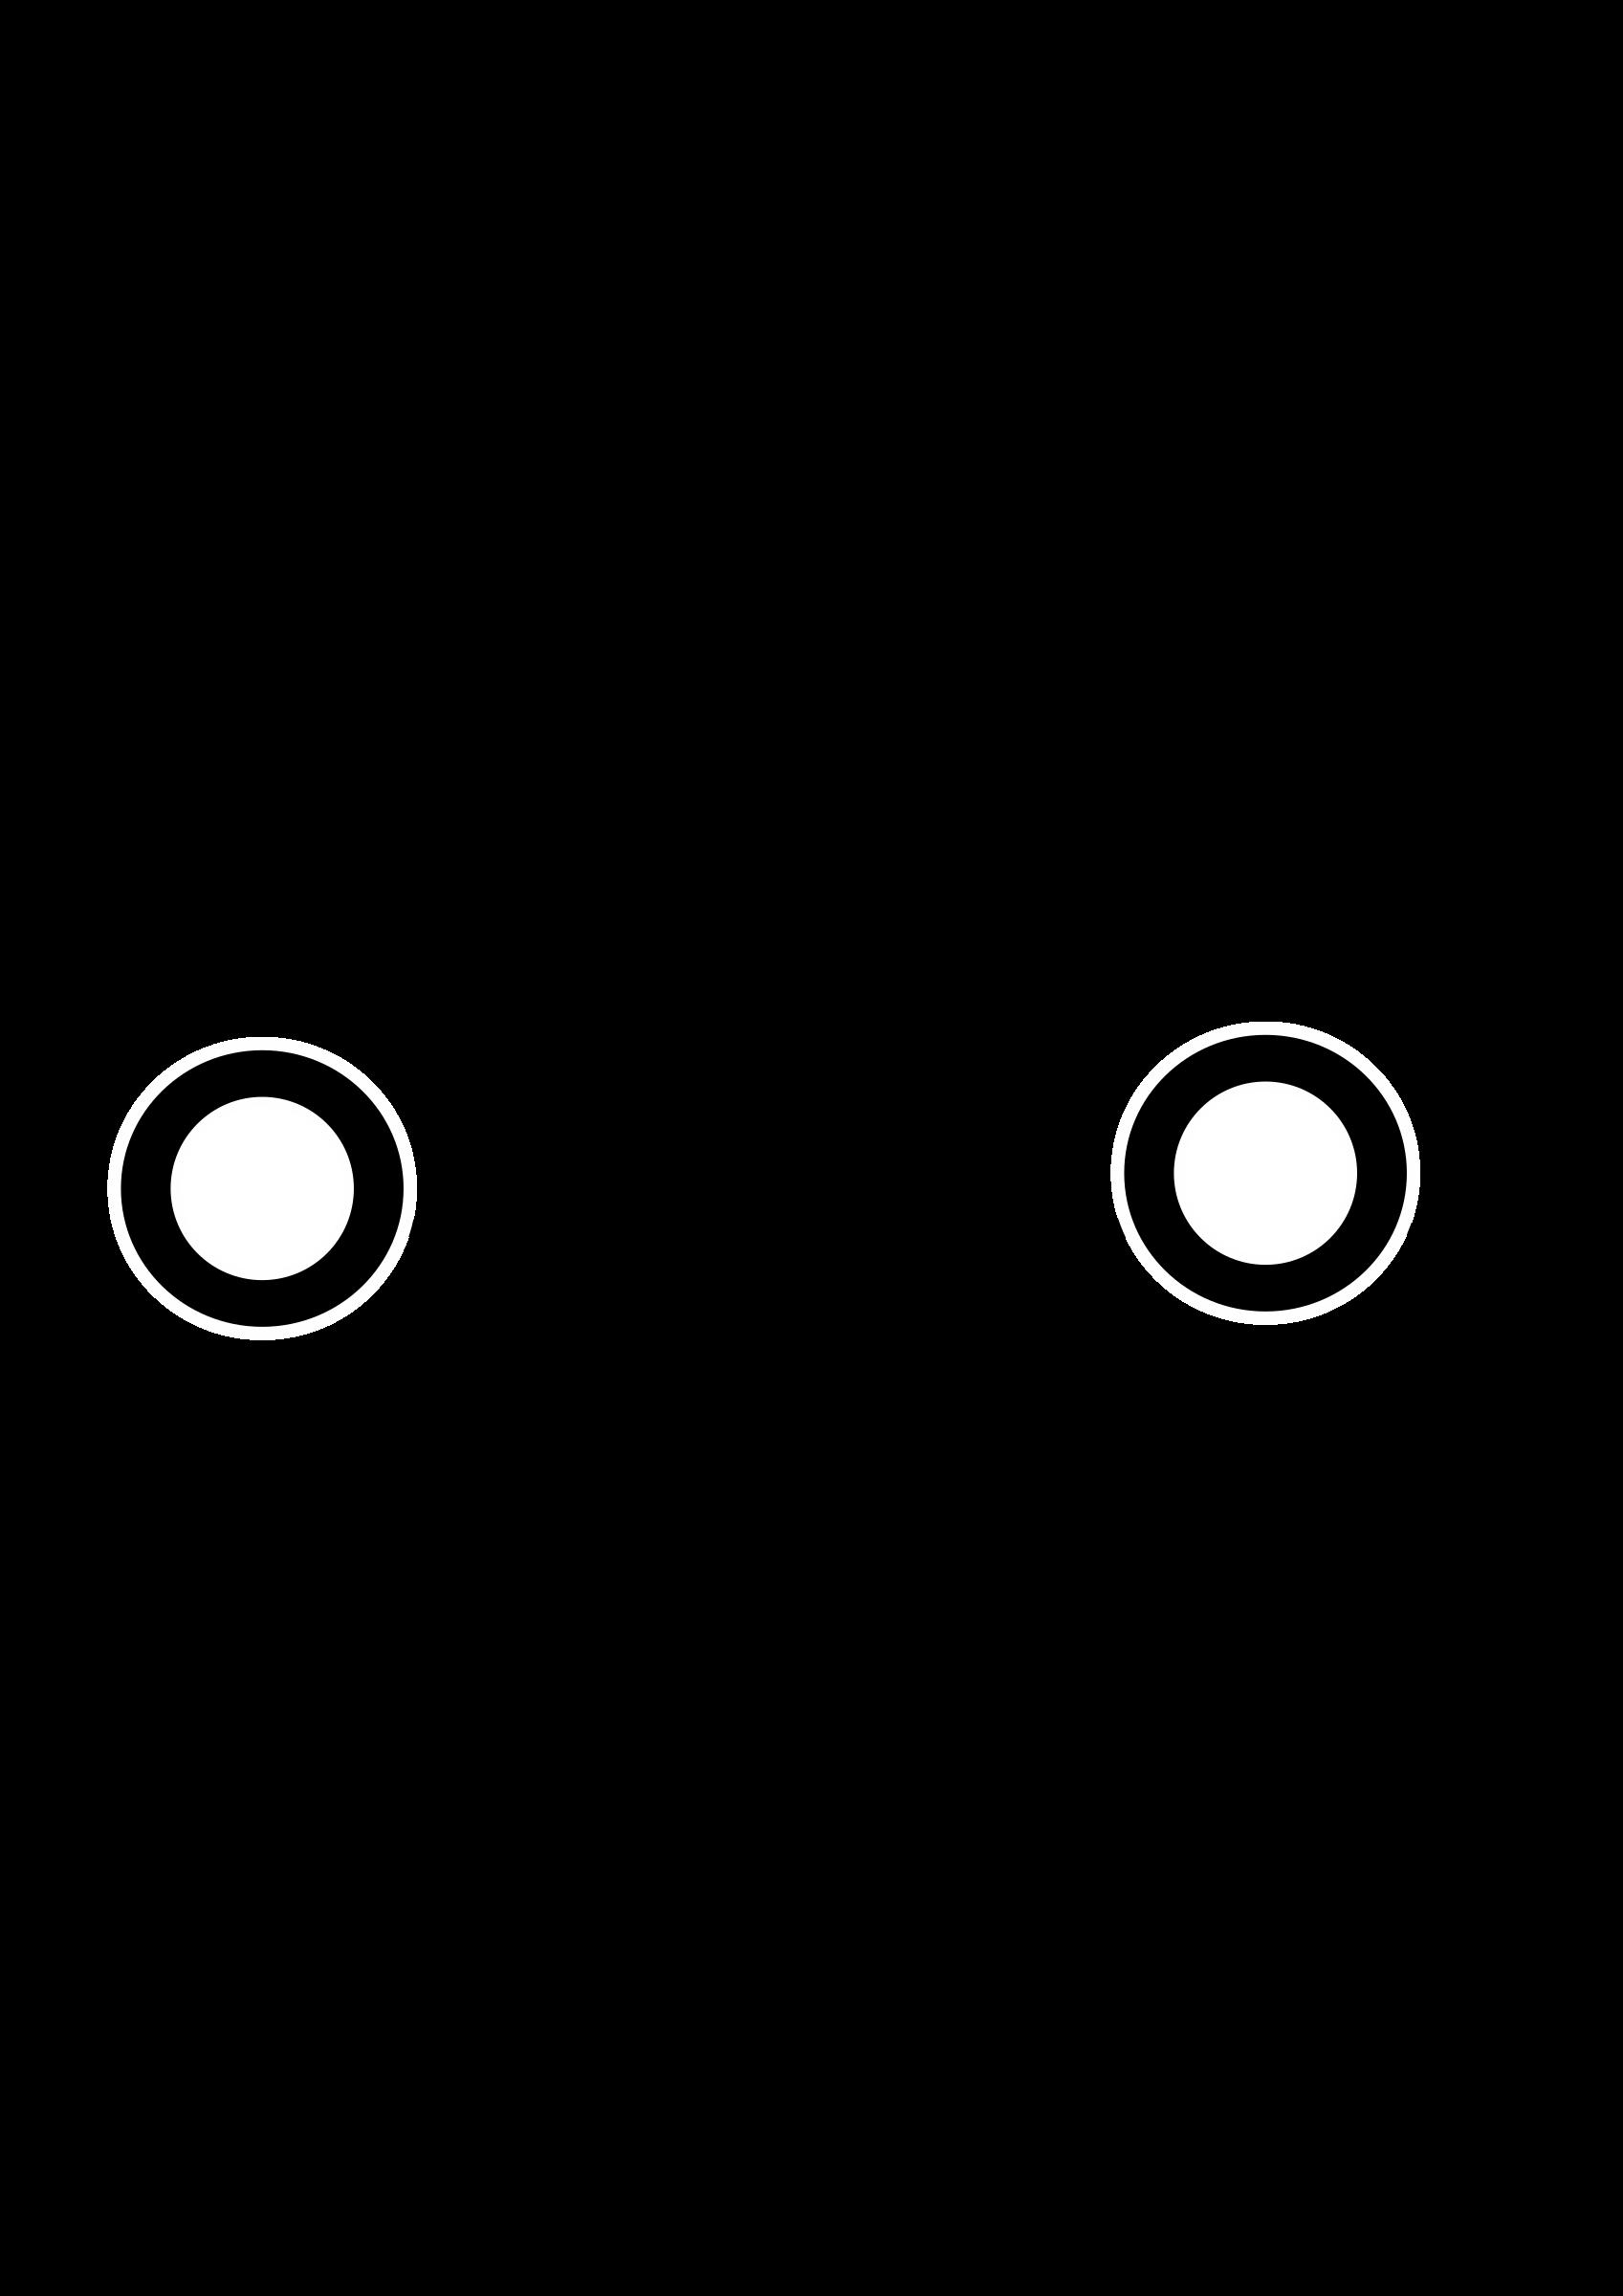 Car symbol clipart clip free stock Clipart - car icon 4 clip free stock